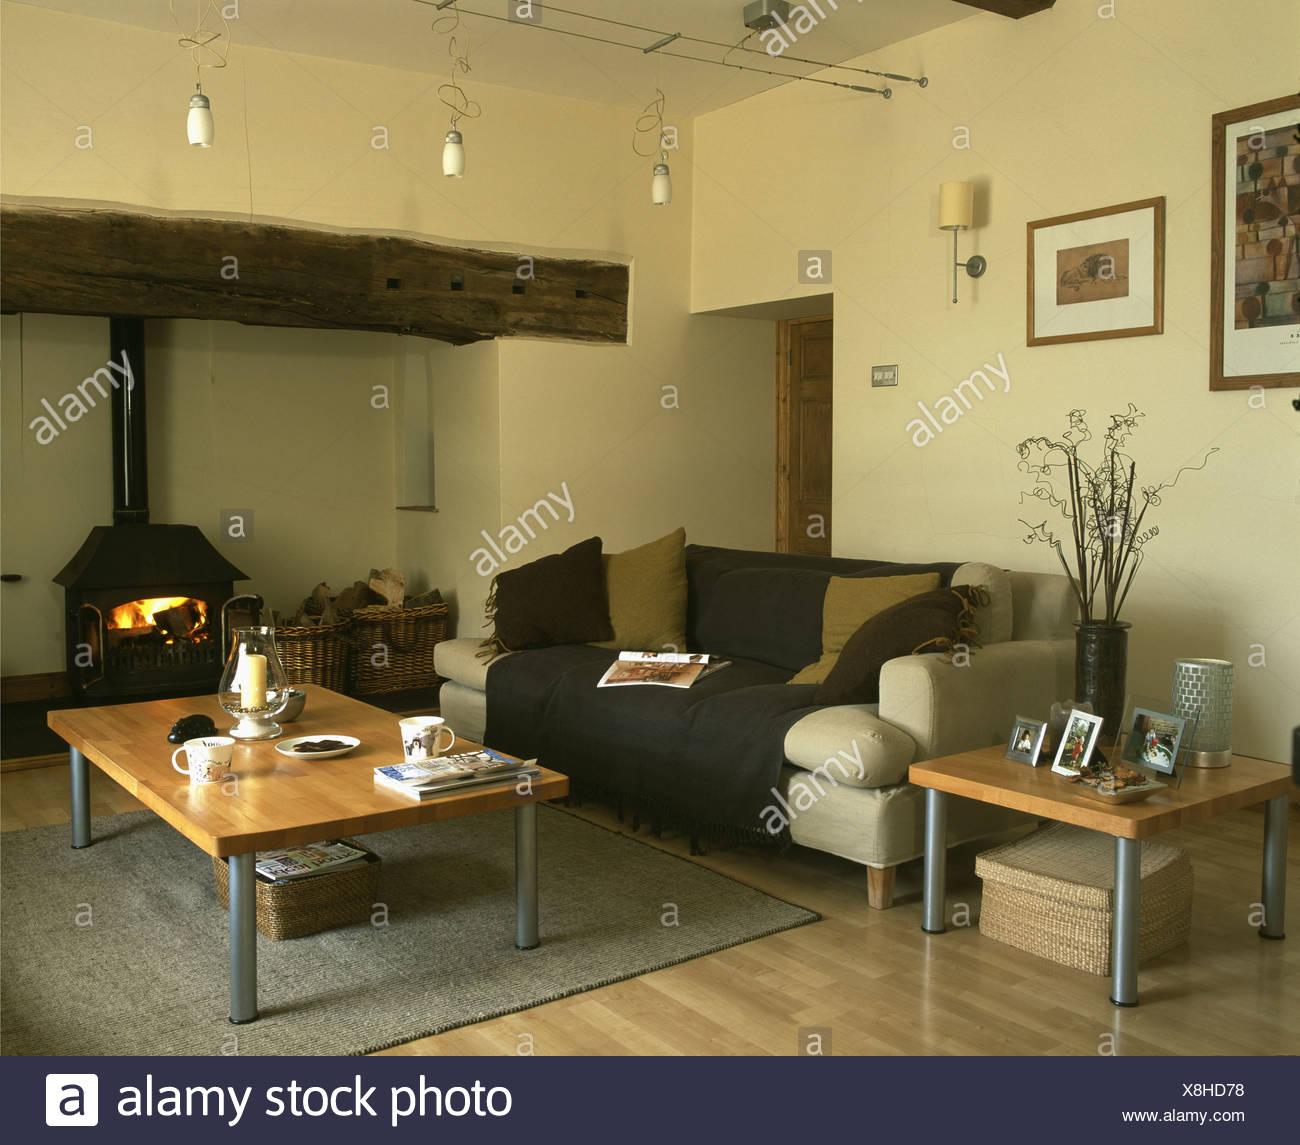 Salon Marron Et Beige Photos table basse et canapé beige marron beige avec jet dans pays